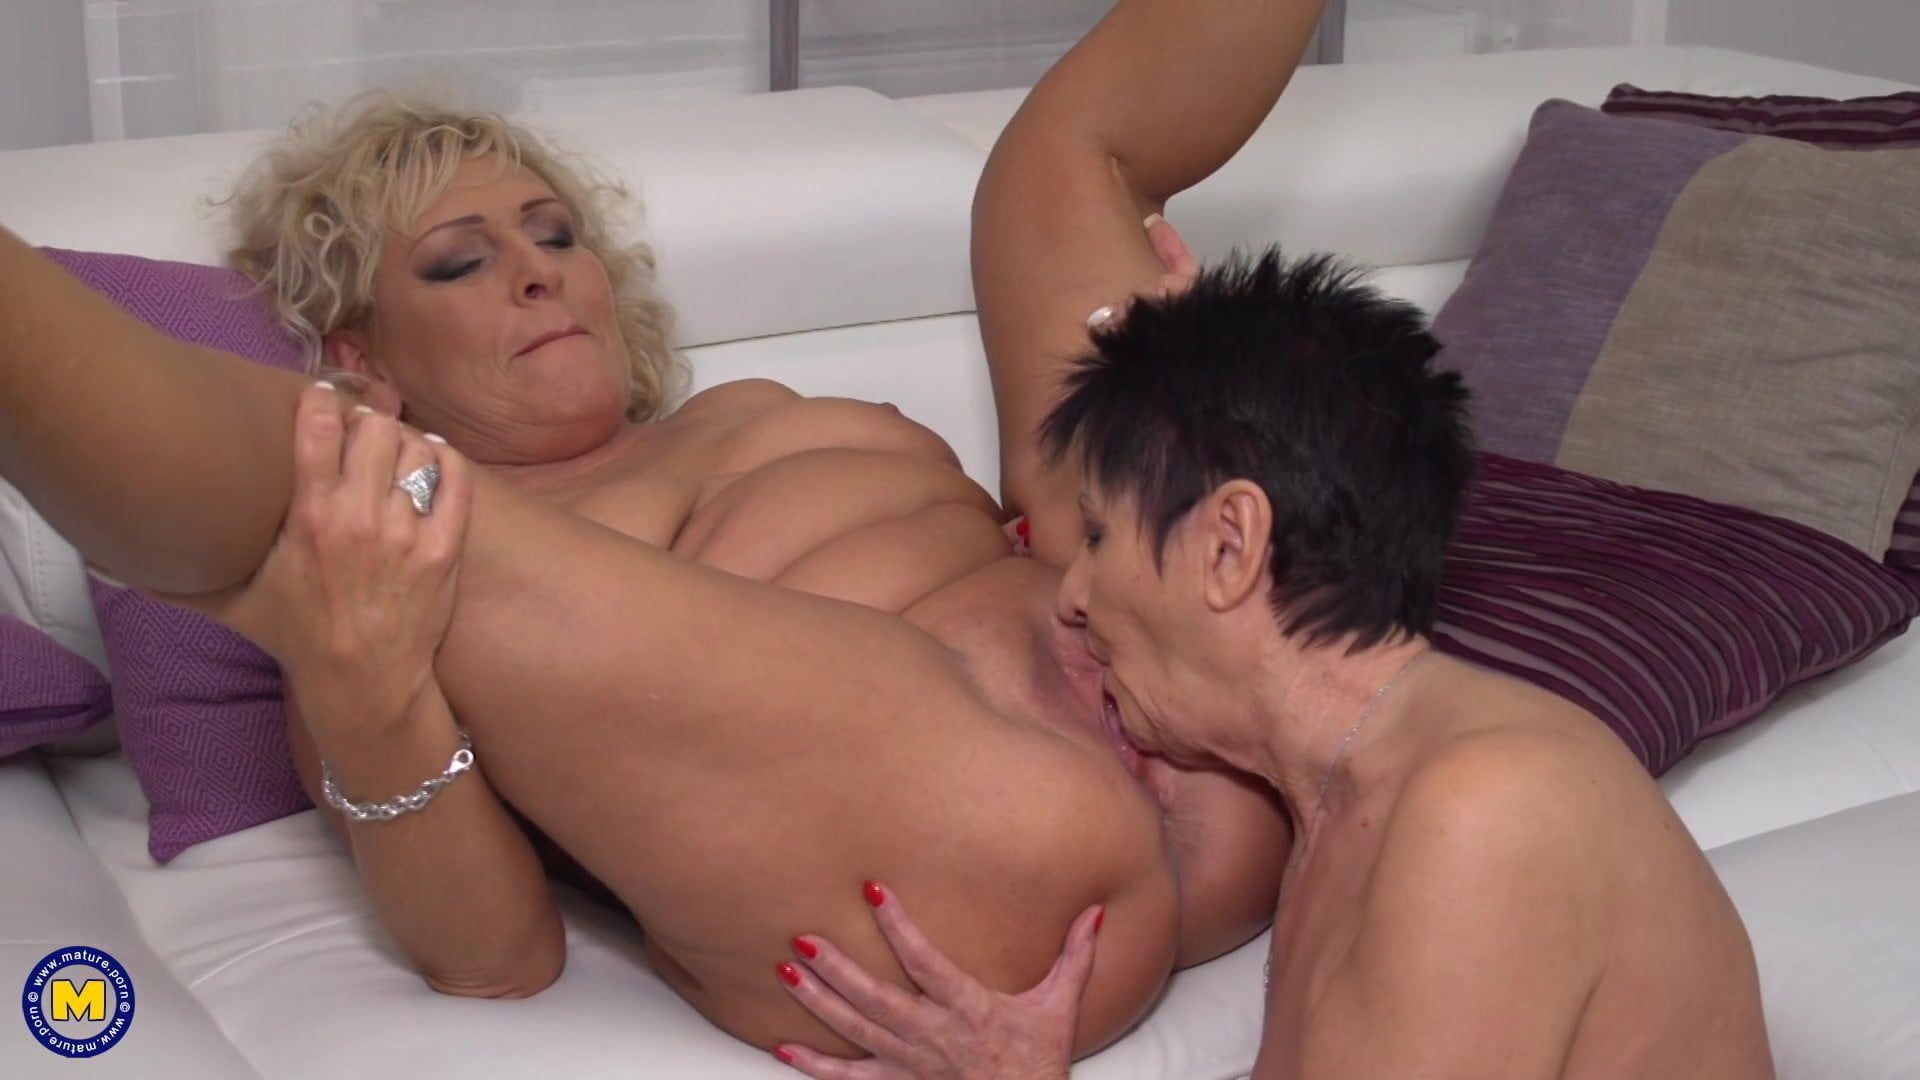 Granny Teen Porn Pics Xxx Adult Clips